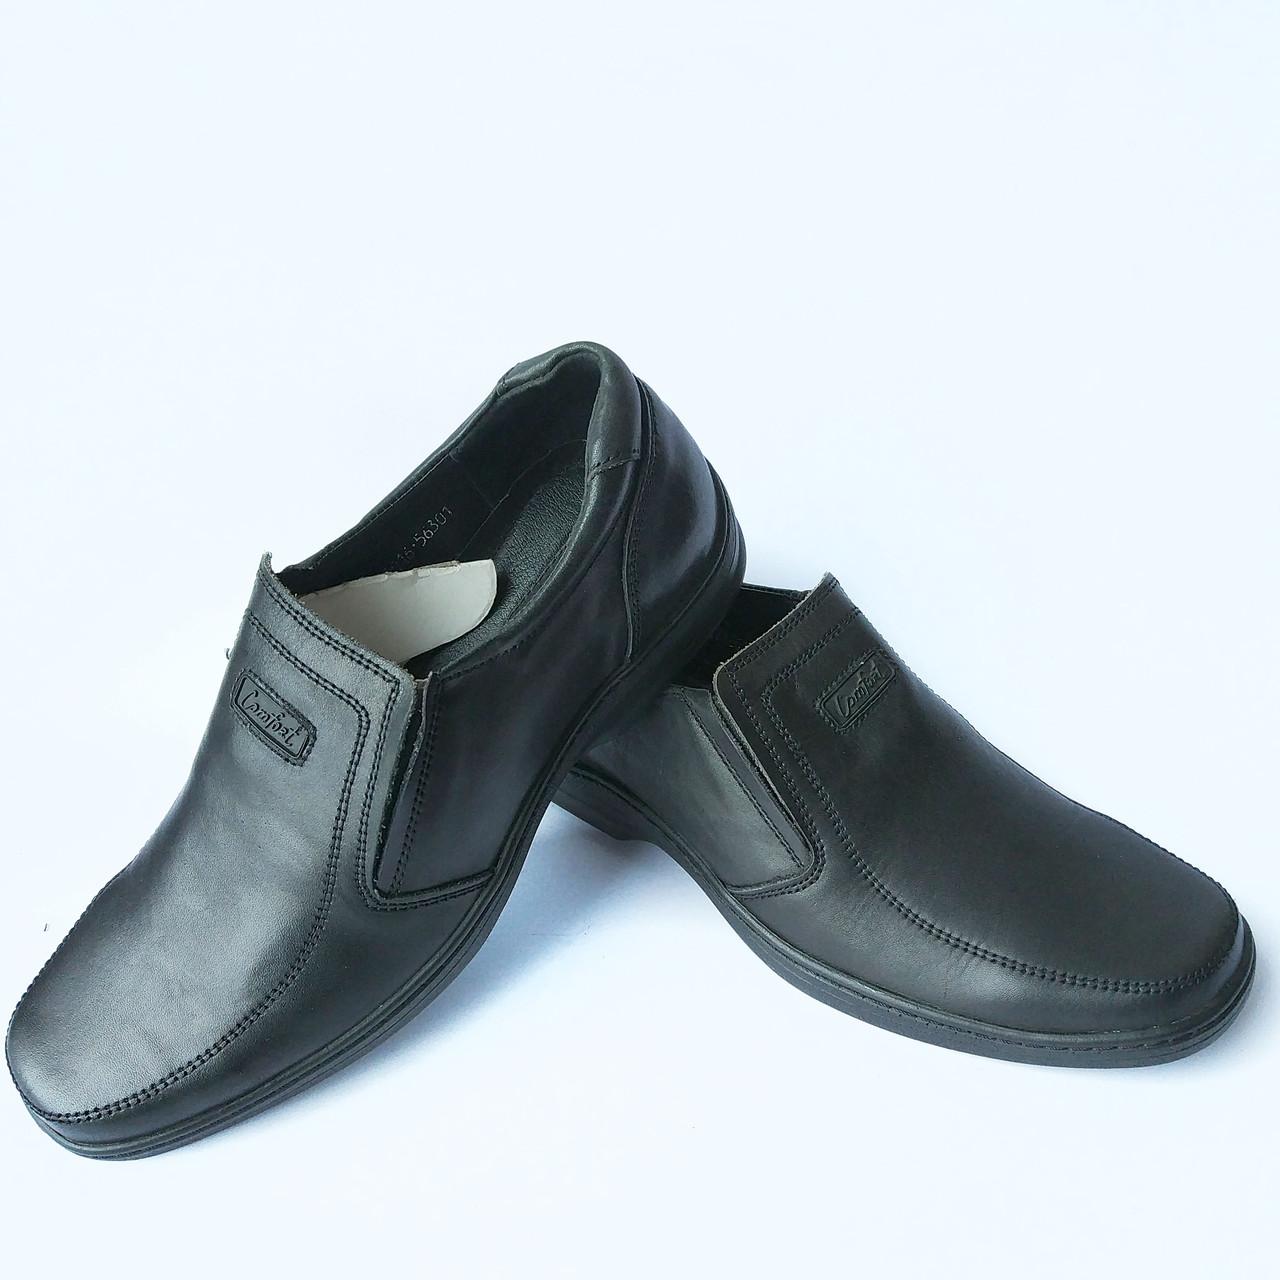 Харьковская мужская обувь Коннорс   черные кожаные туфли, повседневные 34271298555